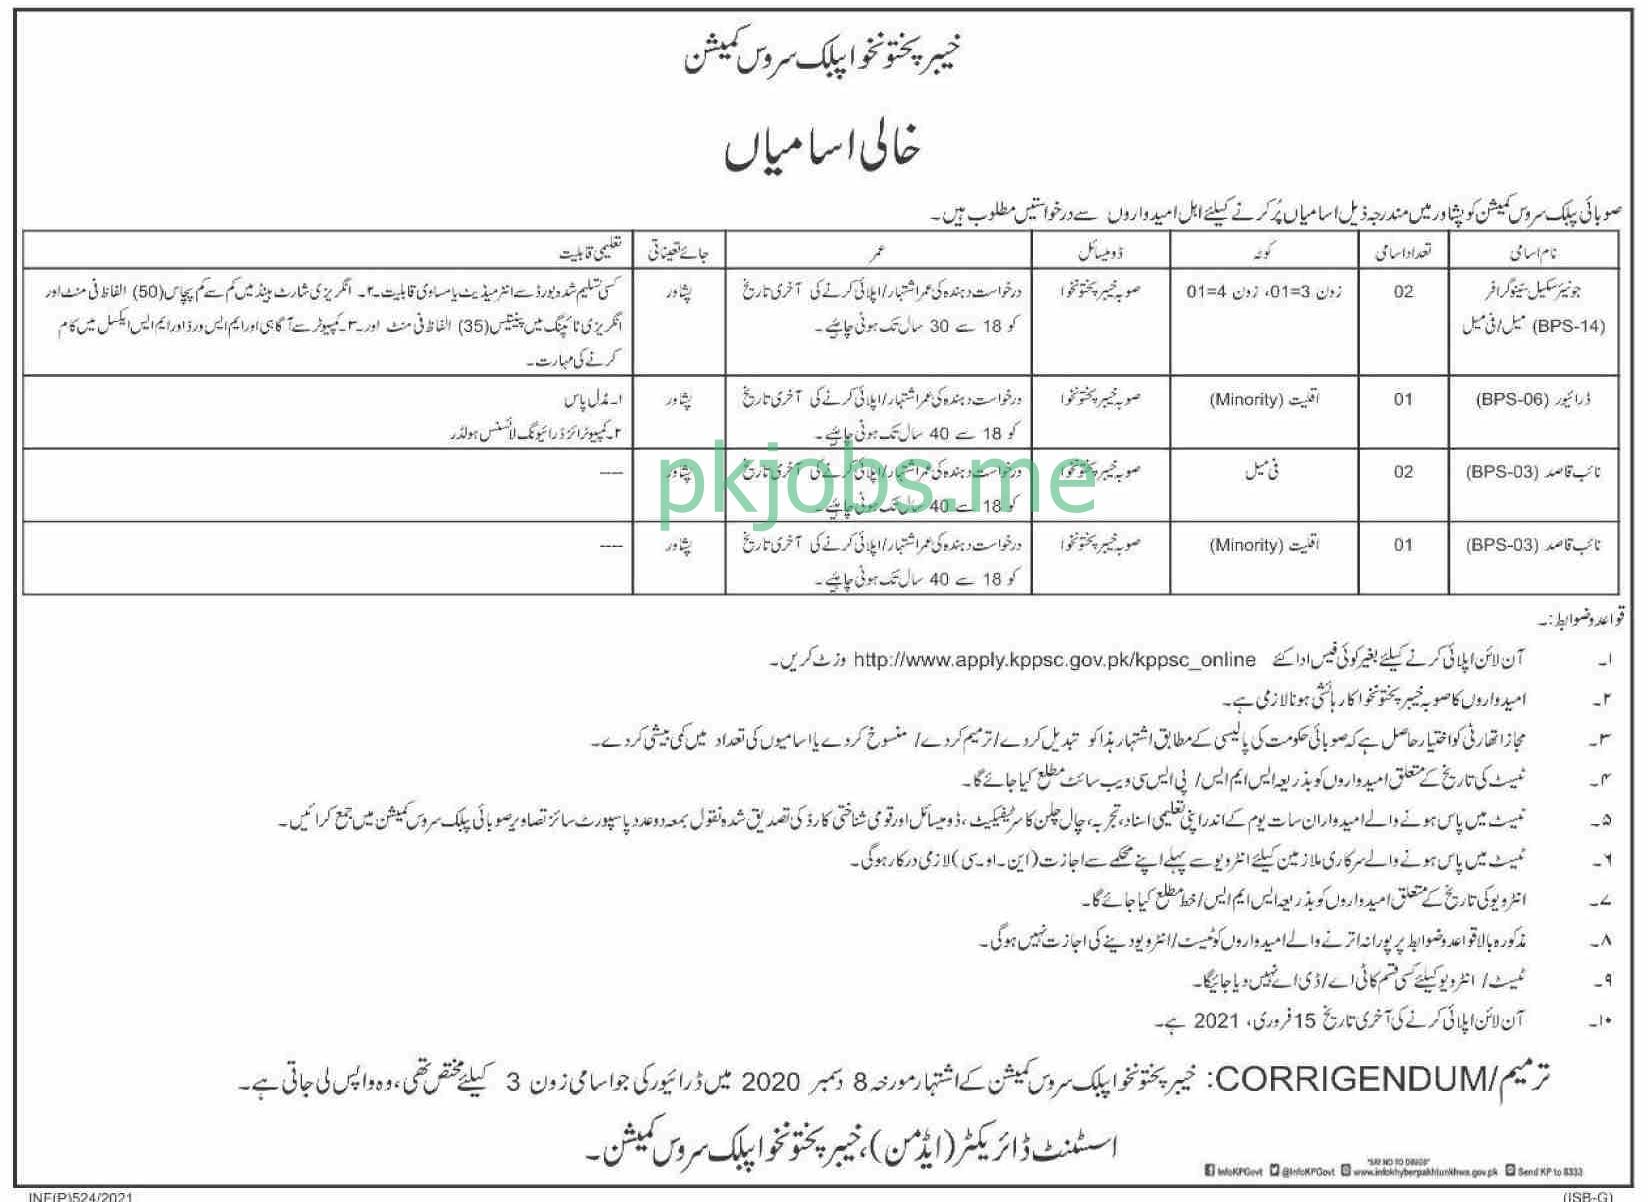 Latest KPK Public Service Commission Jobs 2021